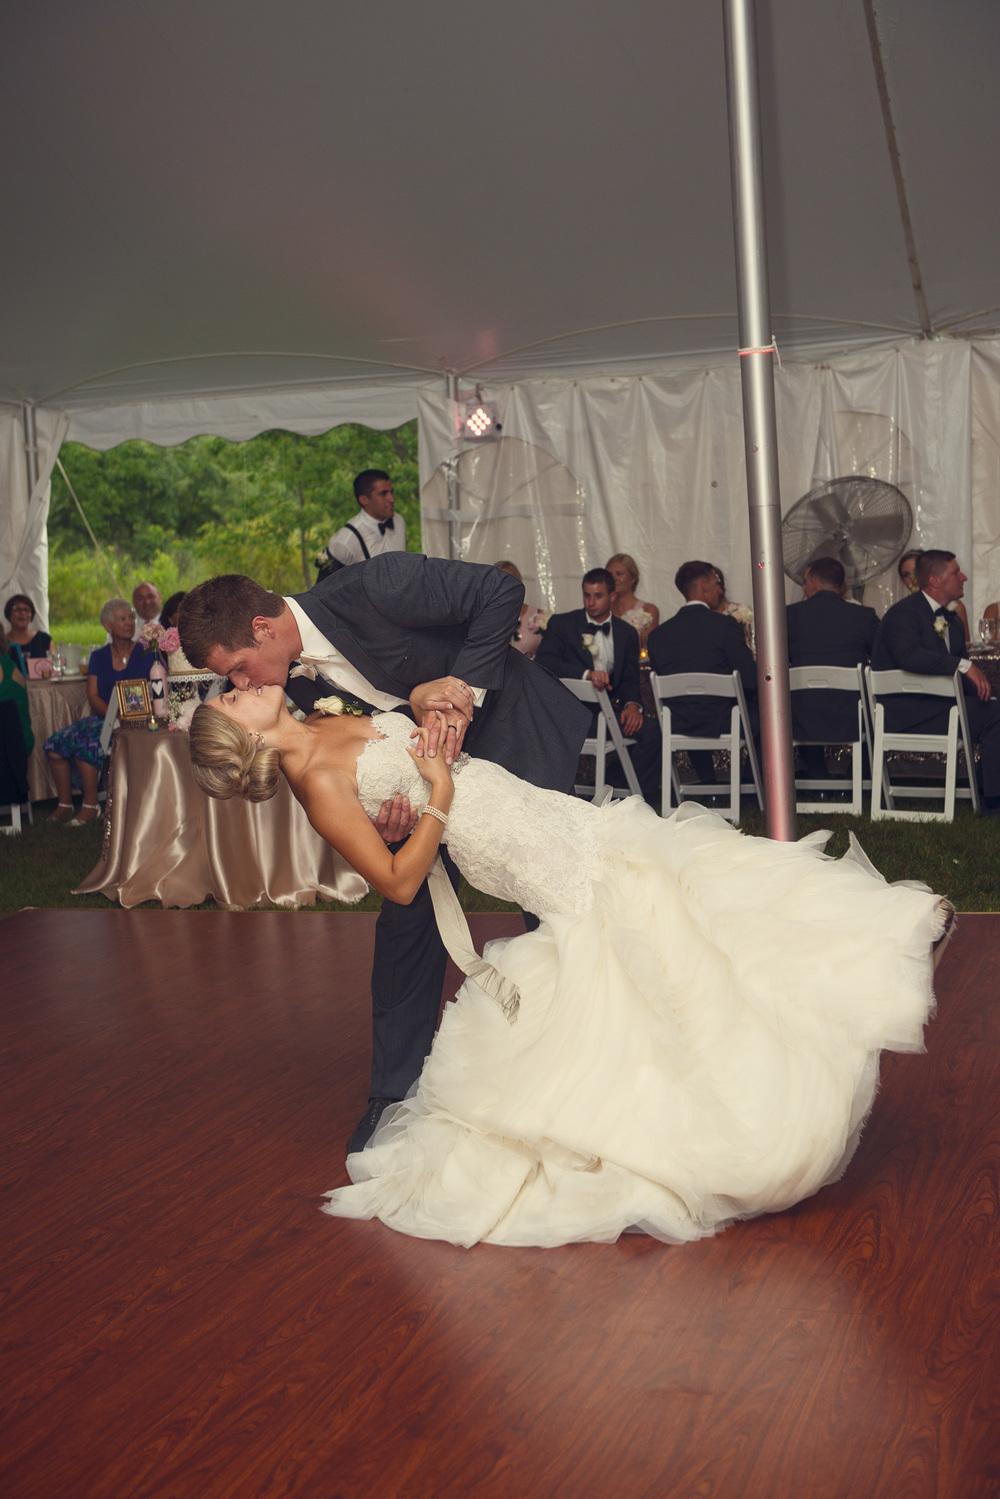 bride groom dip first dance reception dancing